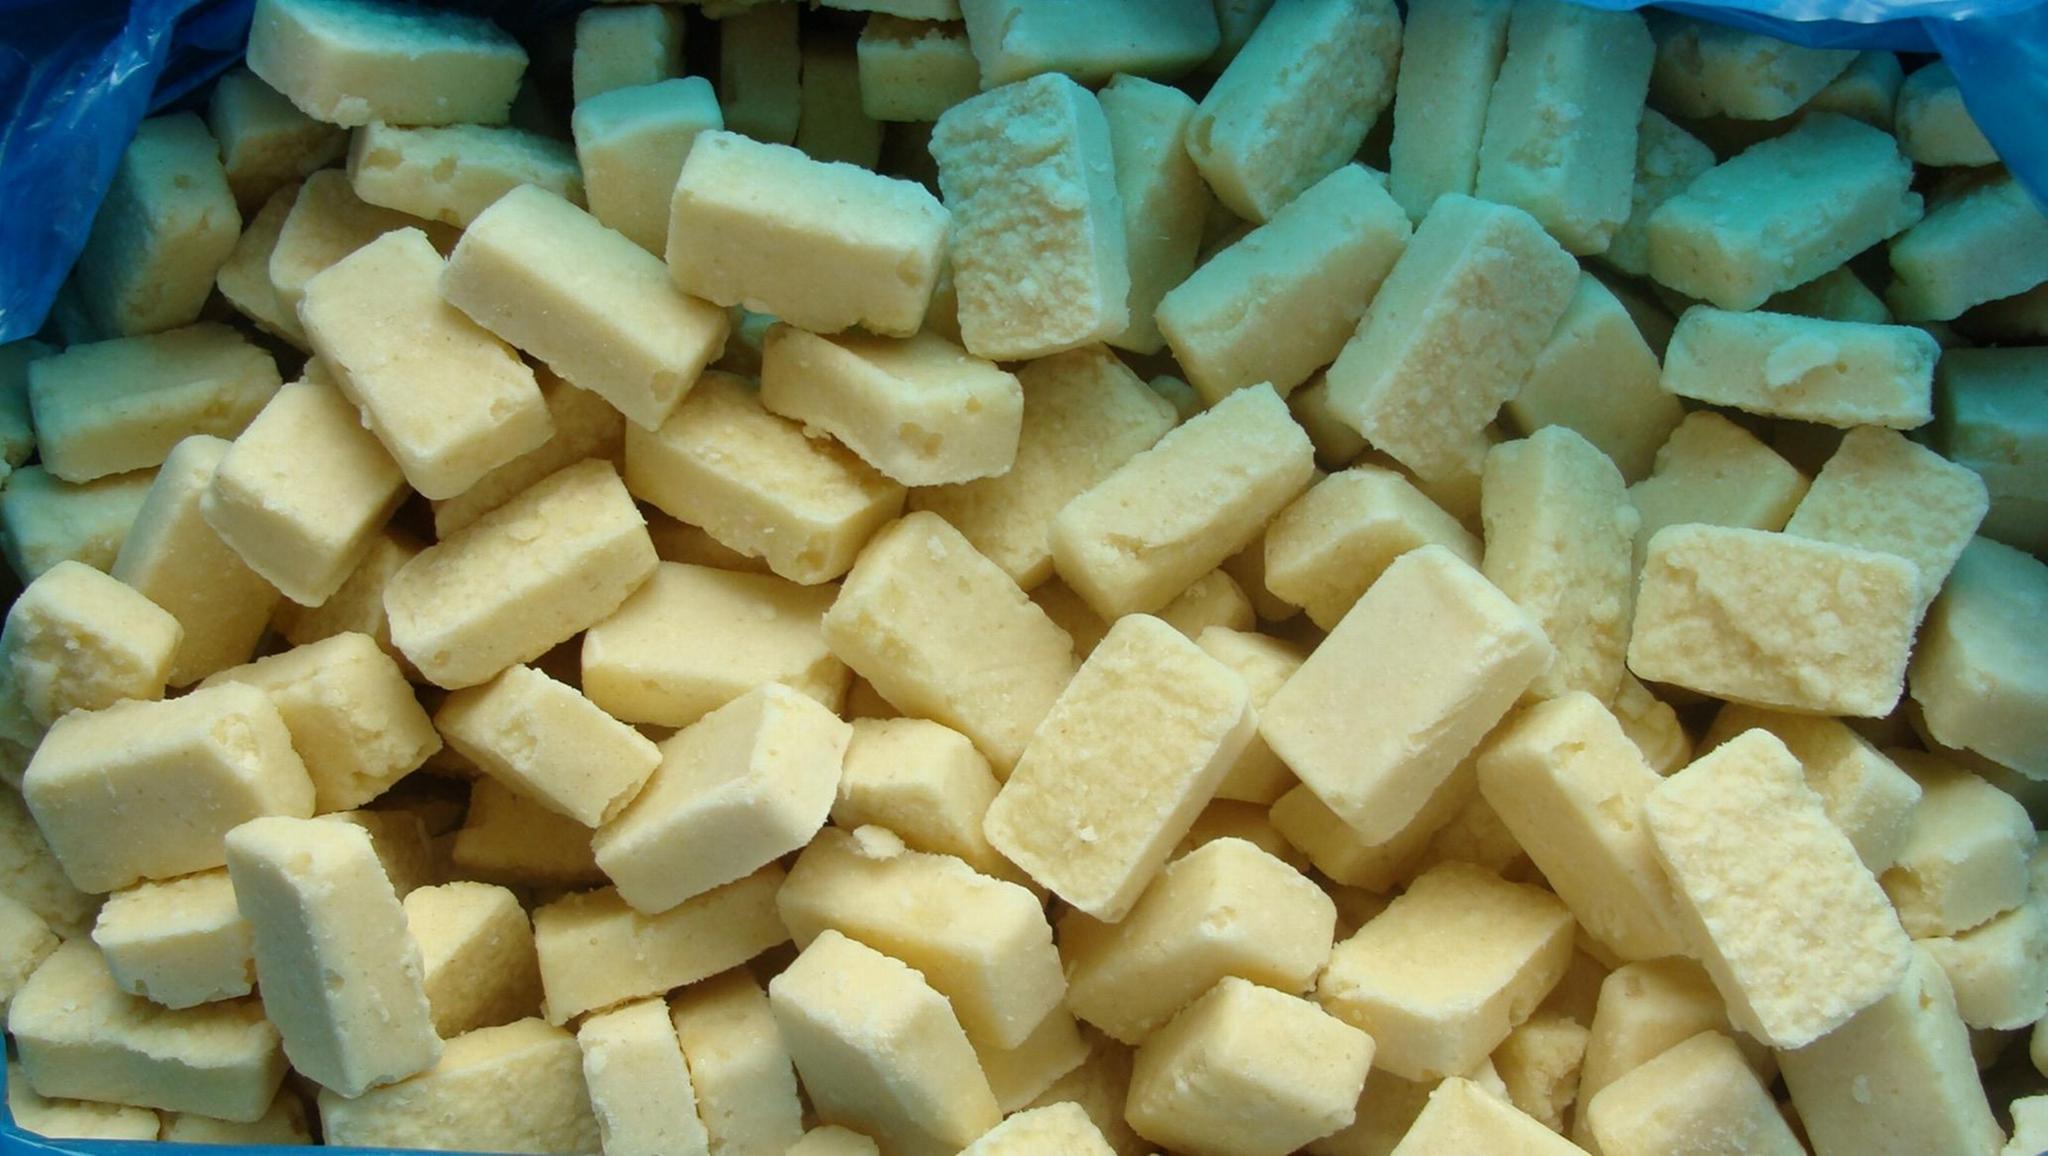 冷凍蒜瓣,冷凍蒜丁,冷凍蒜泥 6